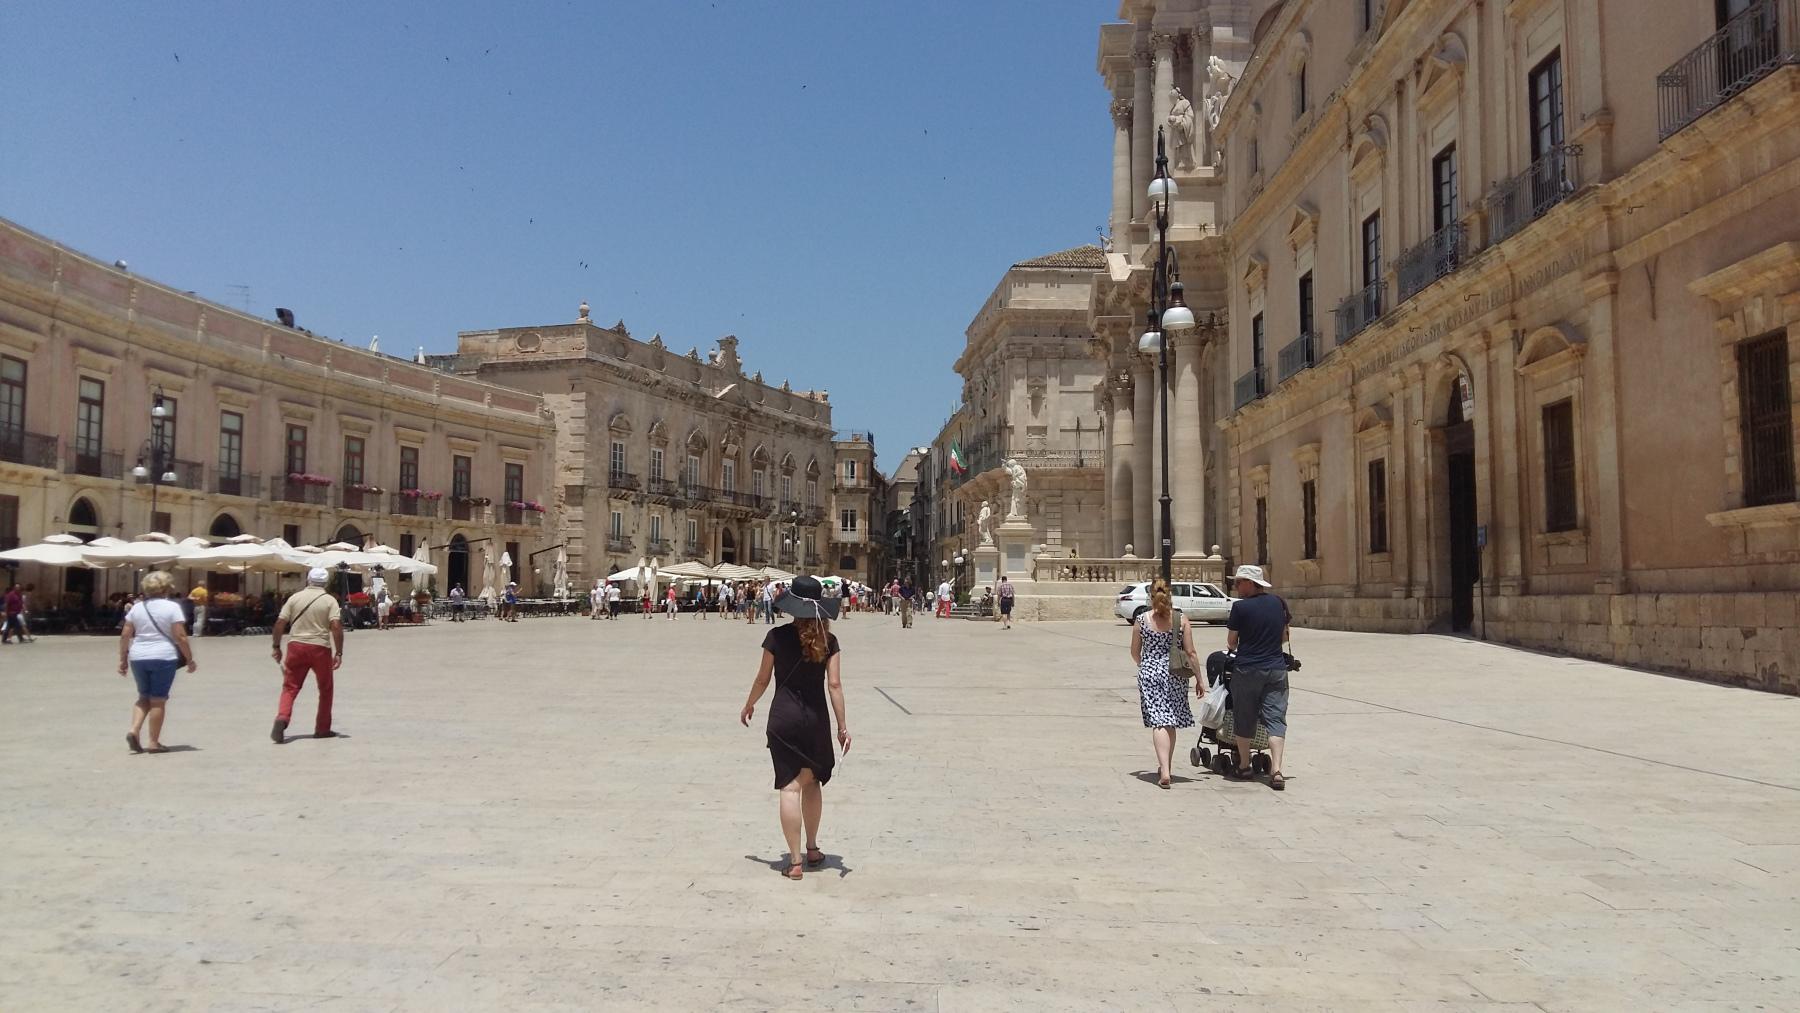 Sicilië 2015, Syracuse, Piazza del Duomo